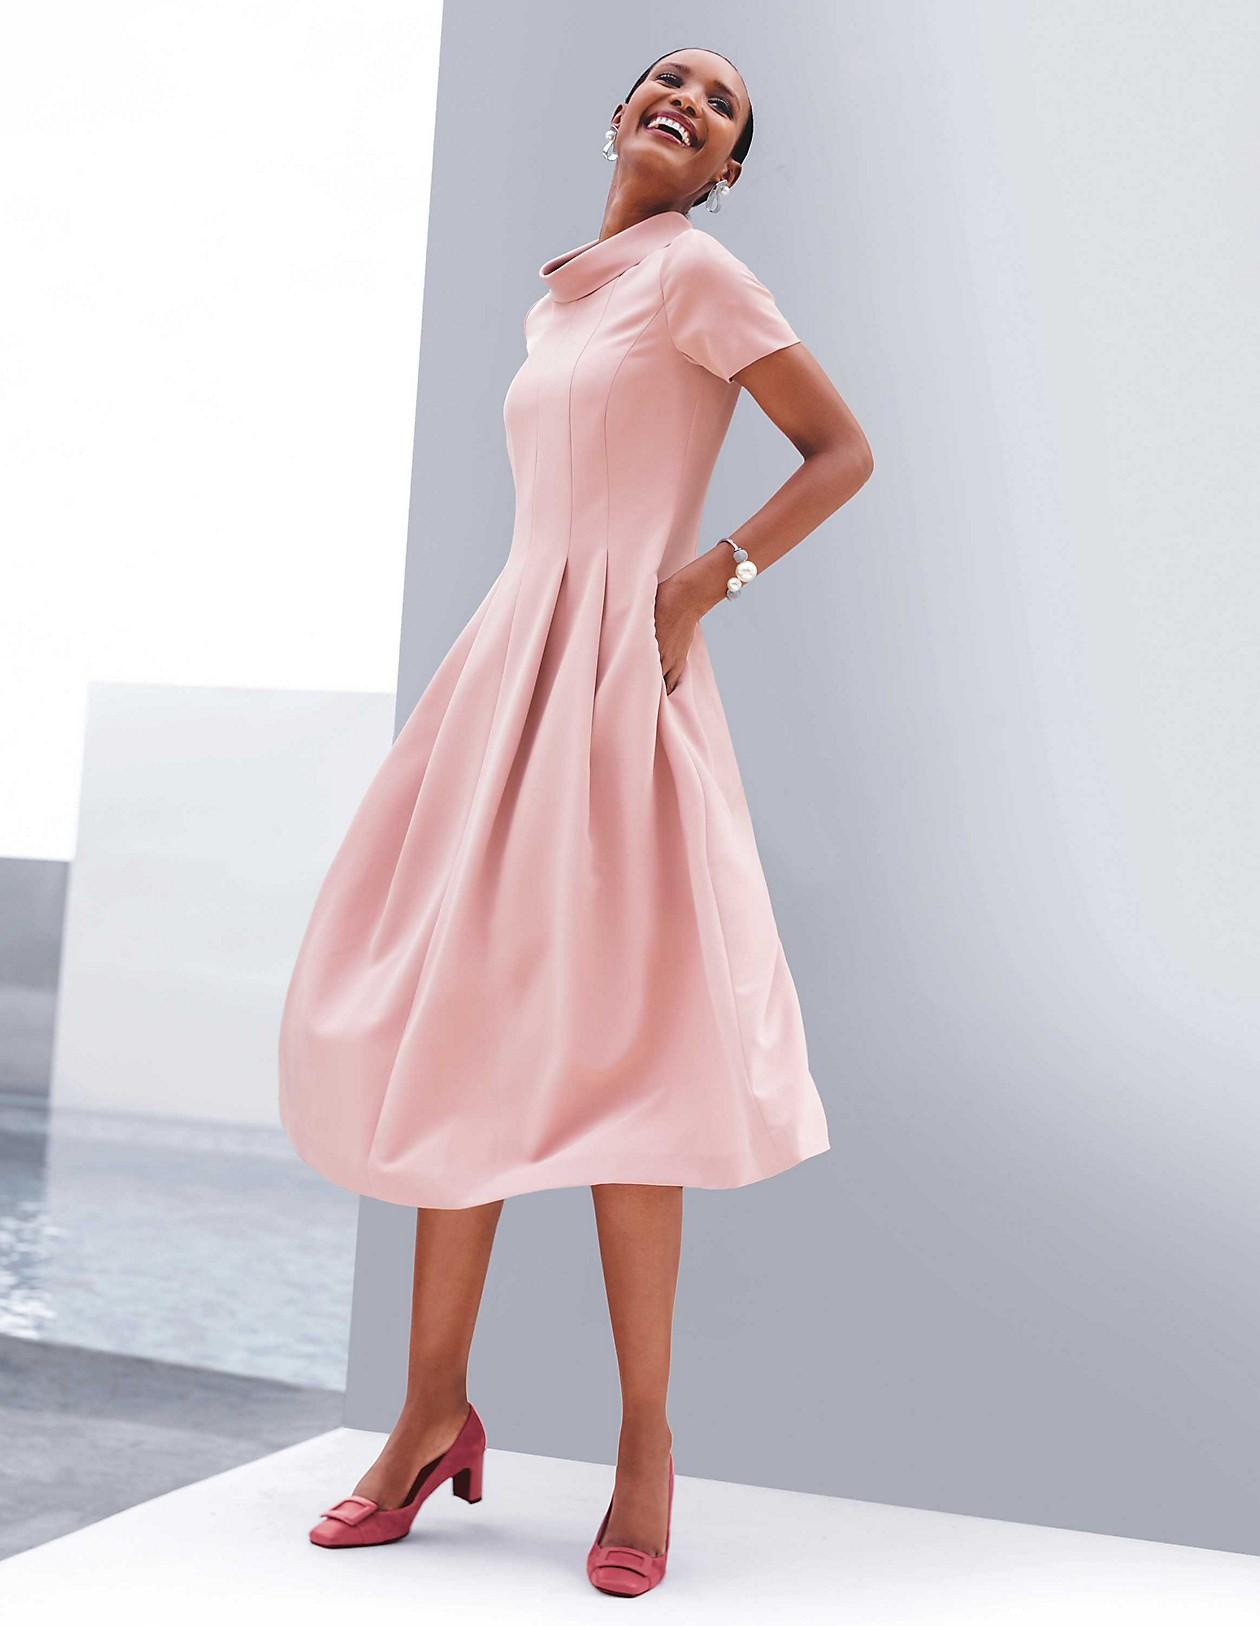 Schwungvolles Kleid mit Halbarm, altrosa, rosa  MADELEINE Mode